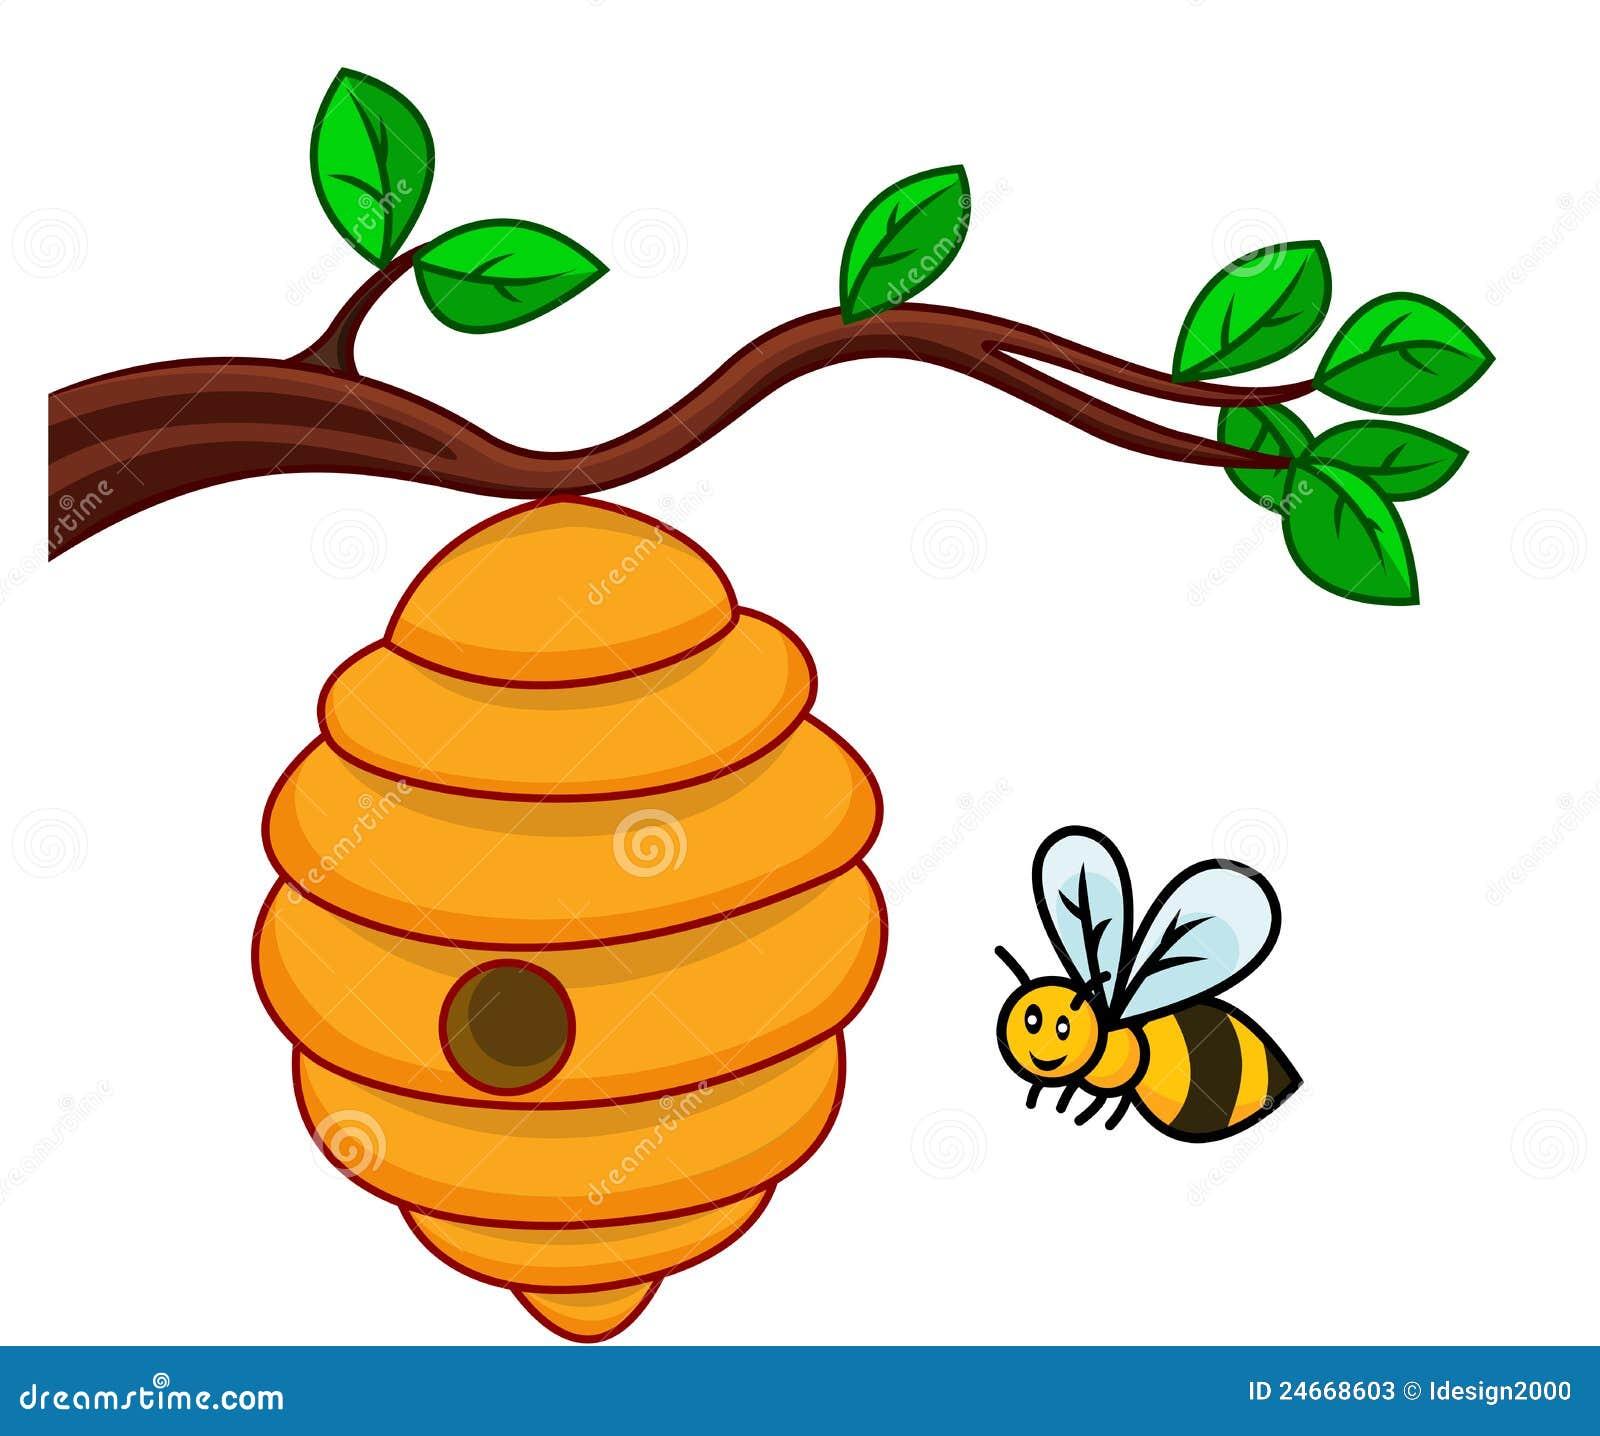 desenhos animados da abelha ilustra u00e7 u00e3o do vetor